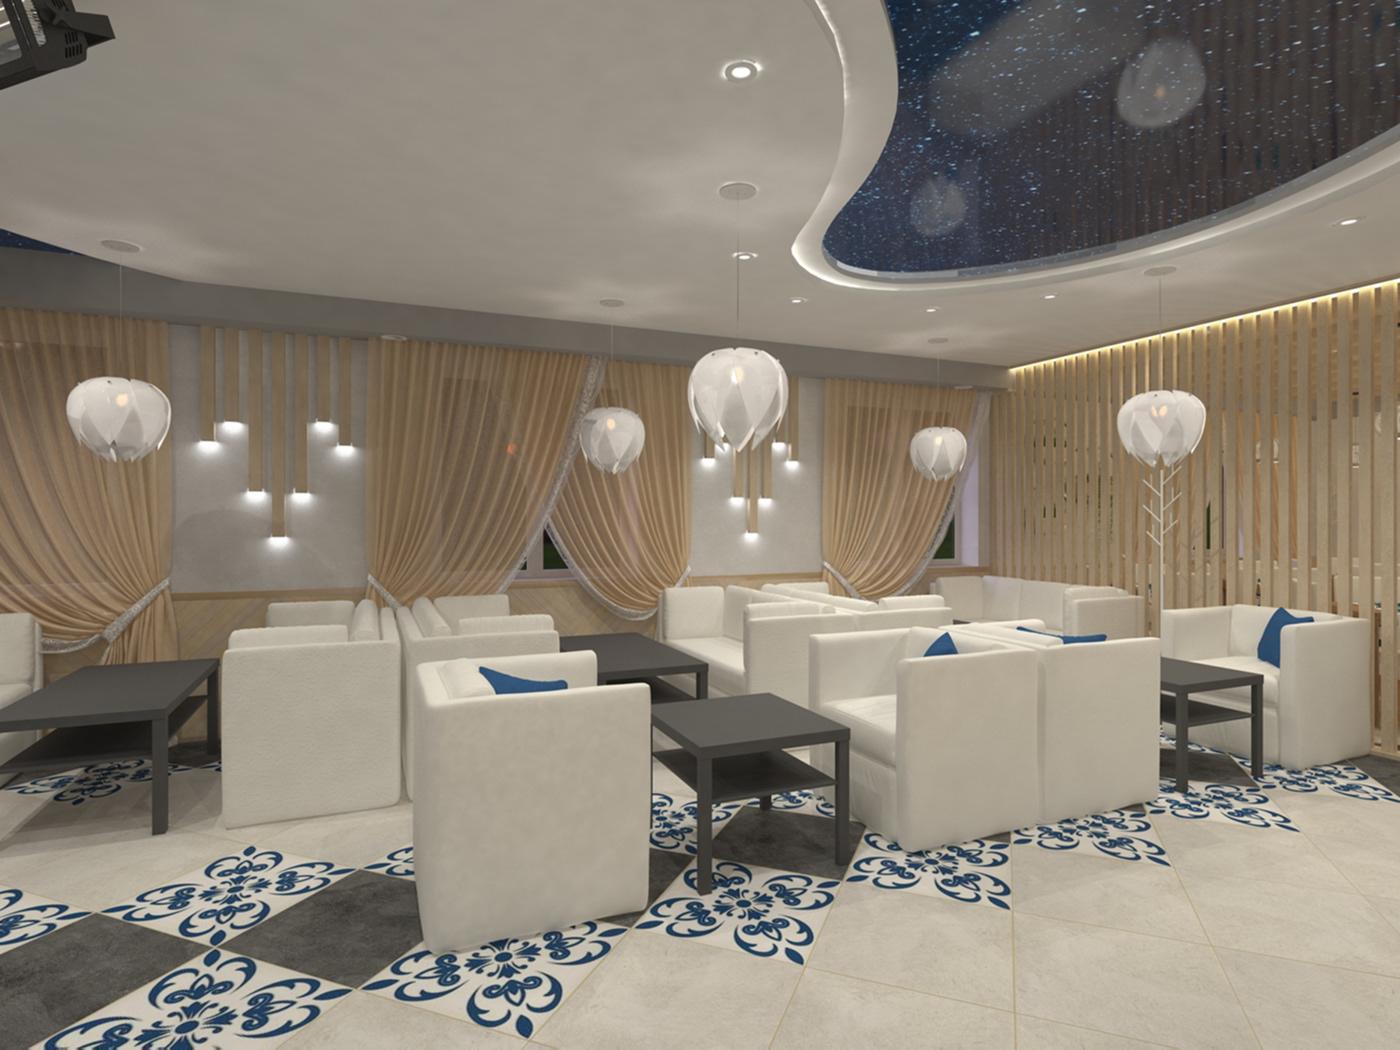 design Design of interior design of restaurant design studio designer Interior interior design  interior gesigner restaurant